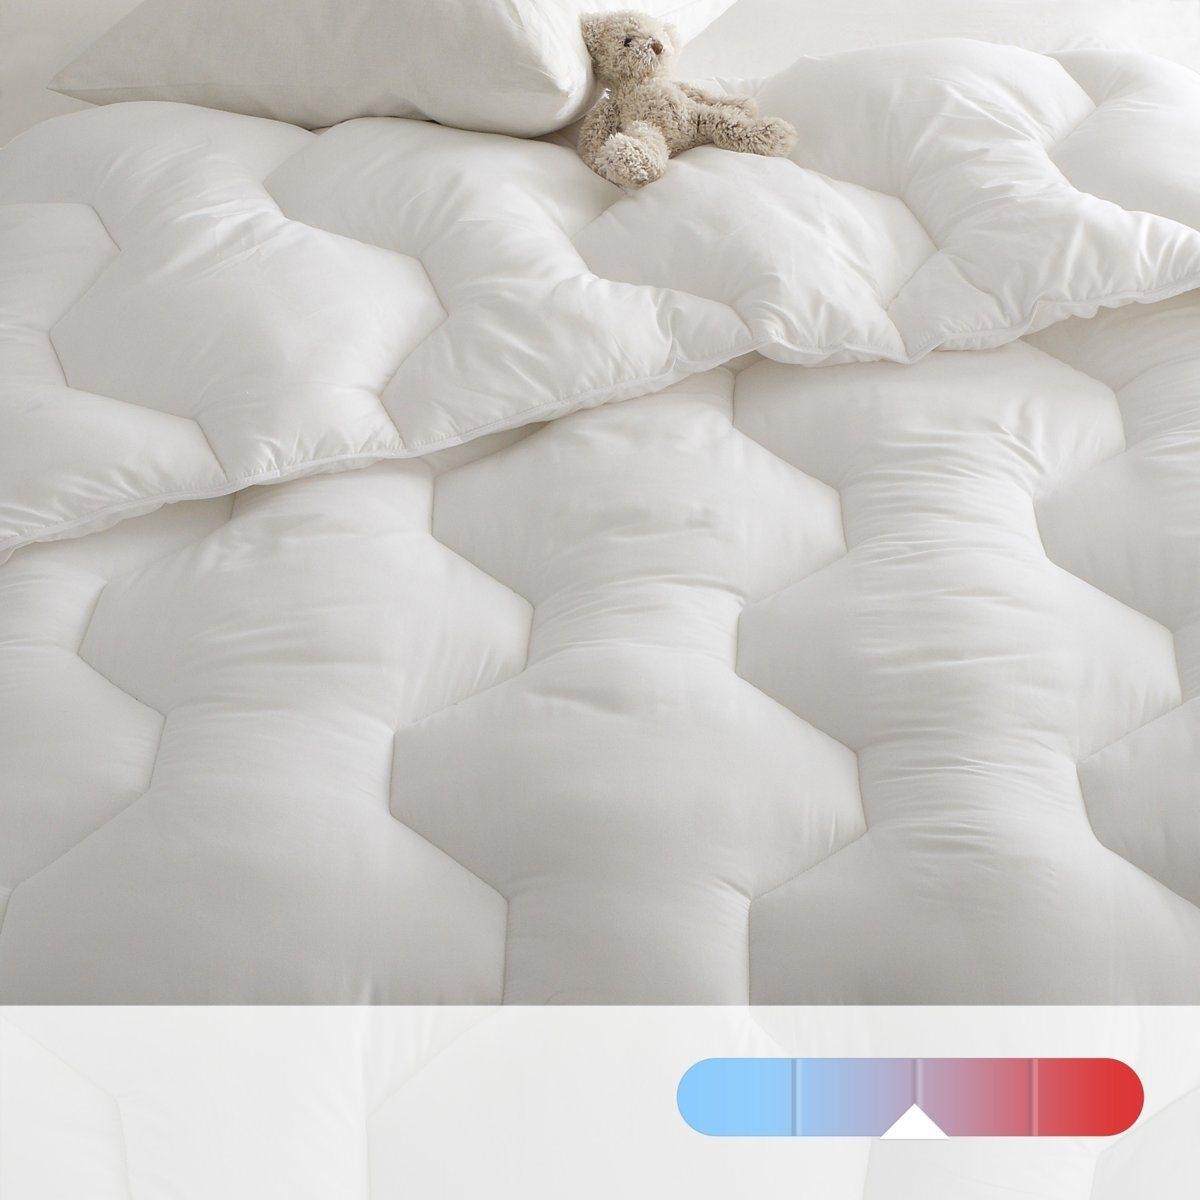 Одеяло Nature, 300 г/м², обработка GREENFIRST®, 100% полиэстер, чехол из биохлопка одеяло nature quilt 155х215